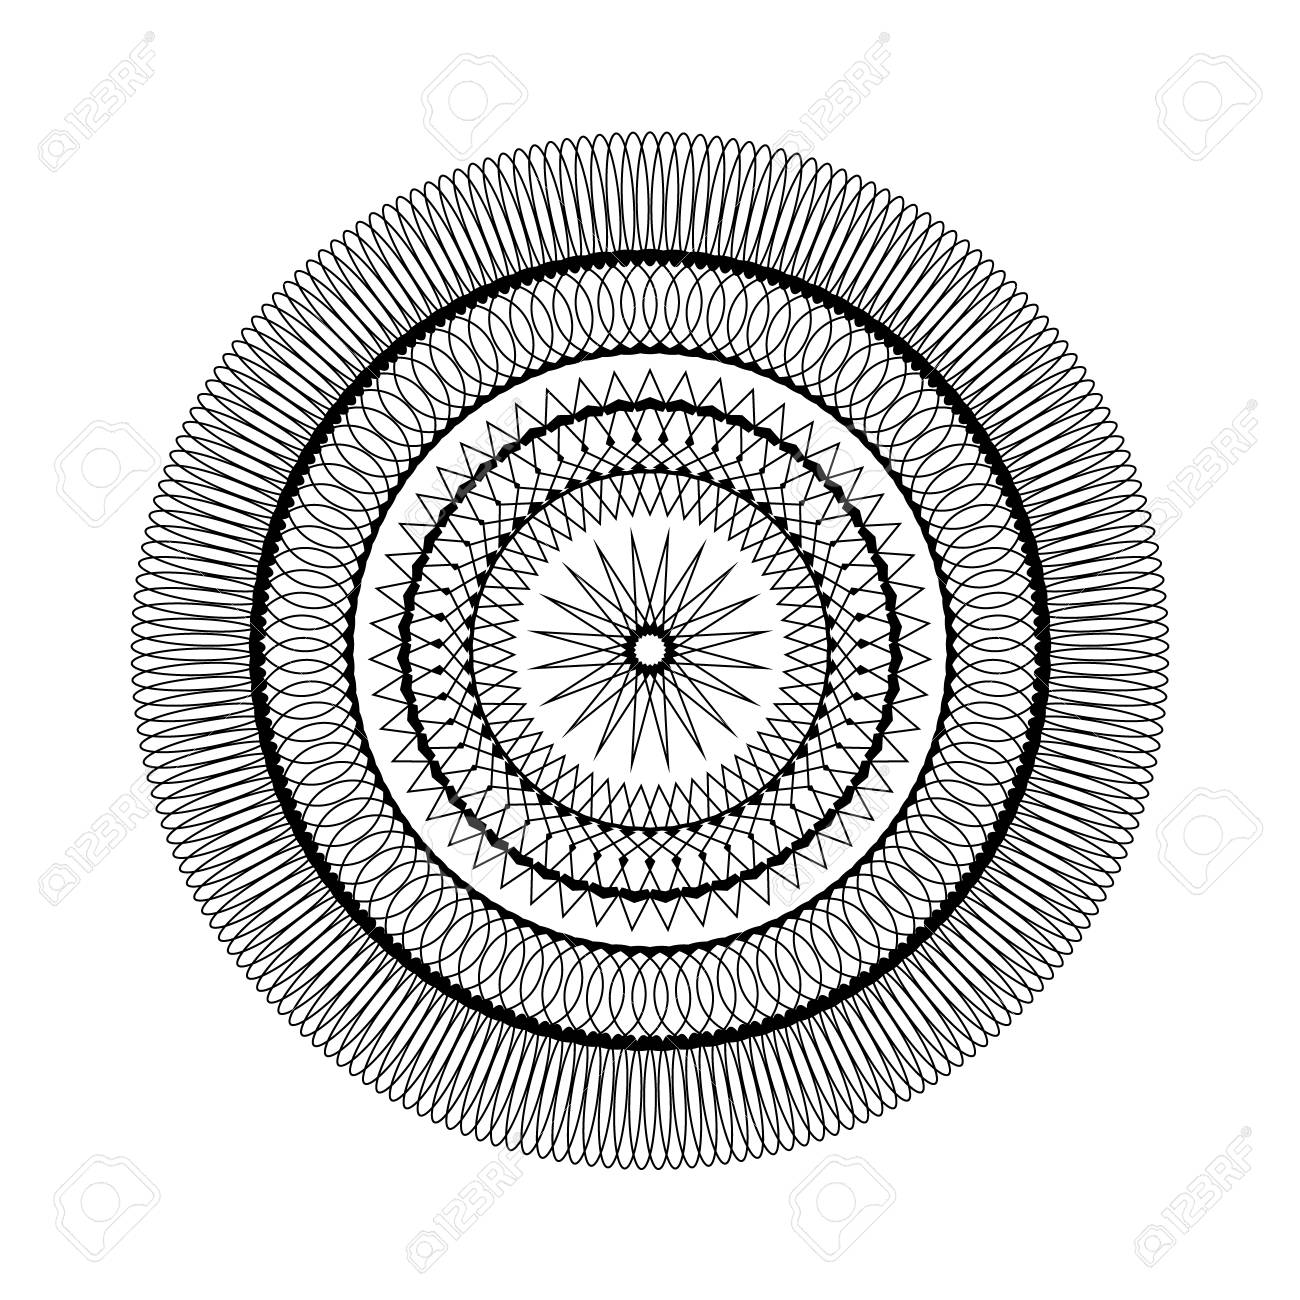 Coloriage Etoile Mandala.Vecteur Adulte Livre De Coloriage Page Modele Circulaire Mandala